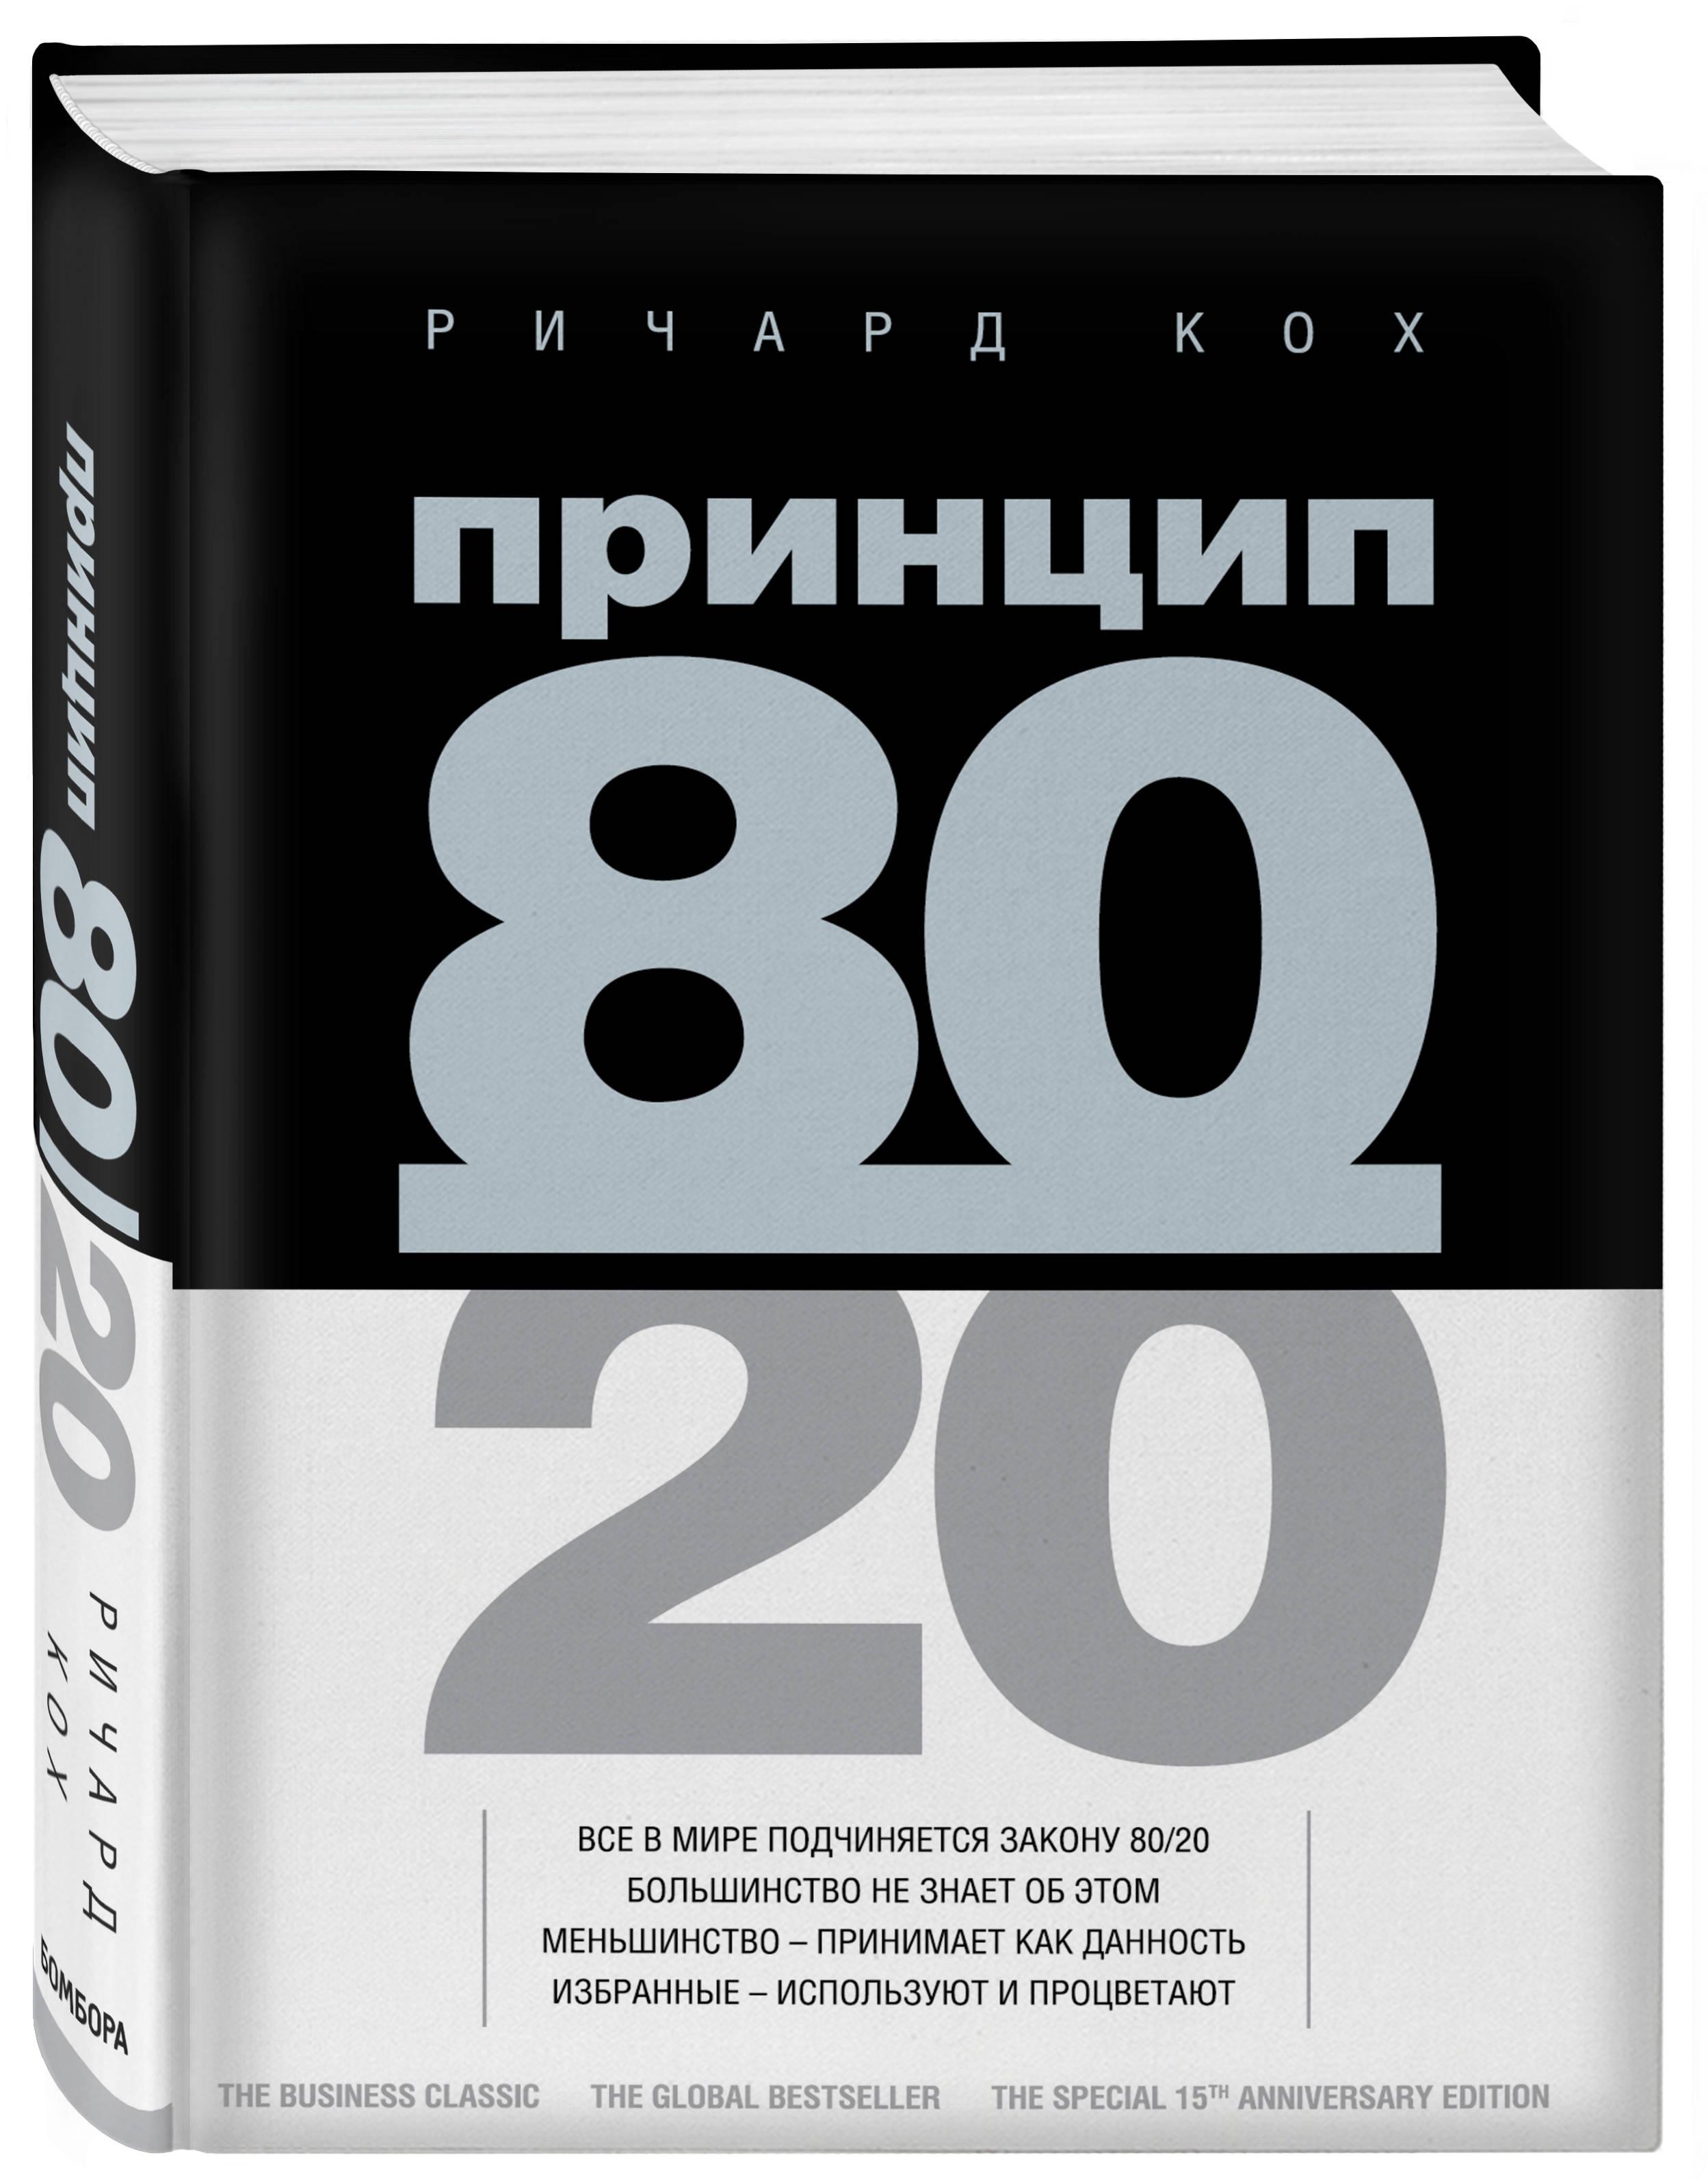 Кох Р. Принцип 80/20